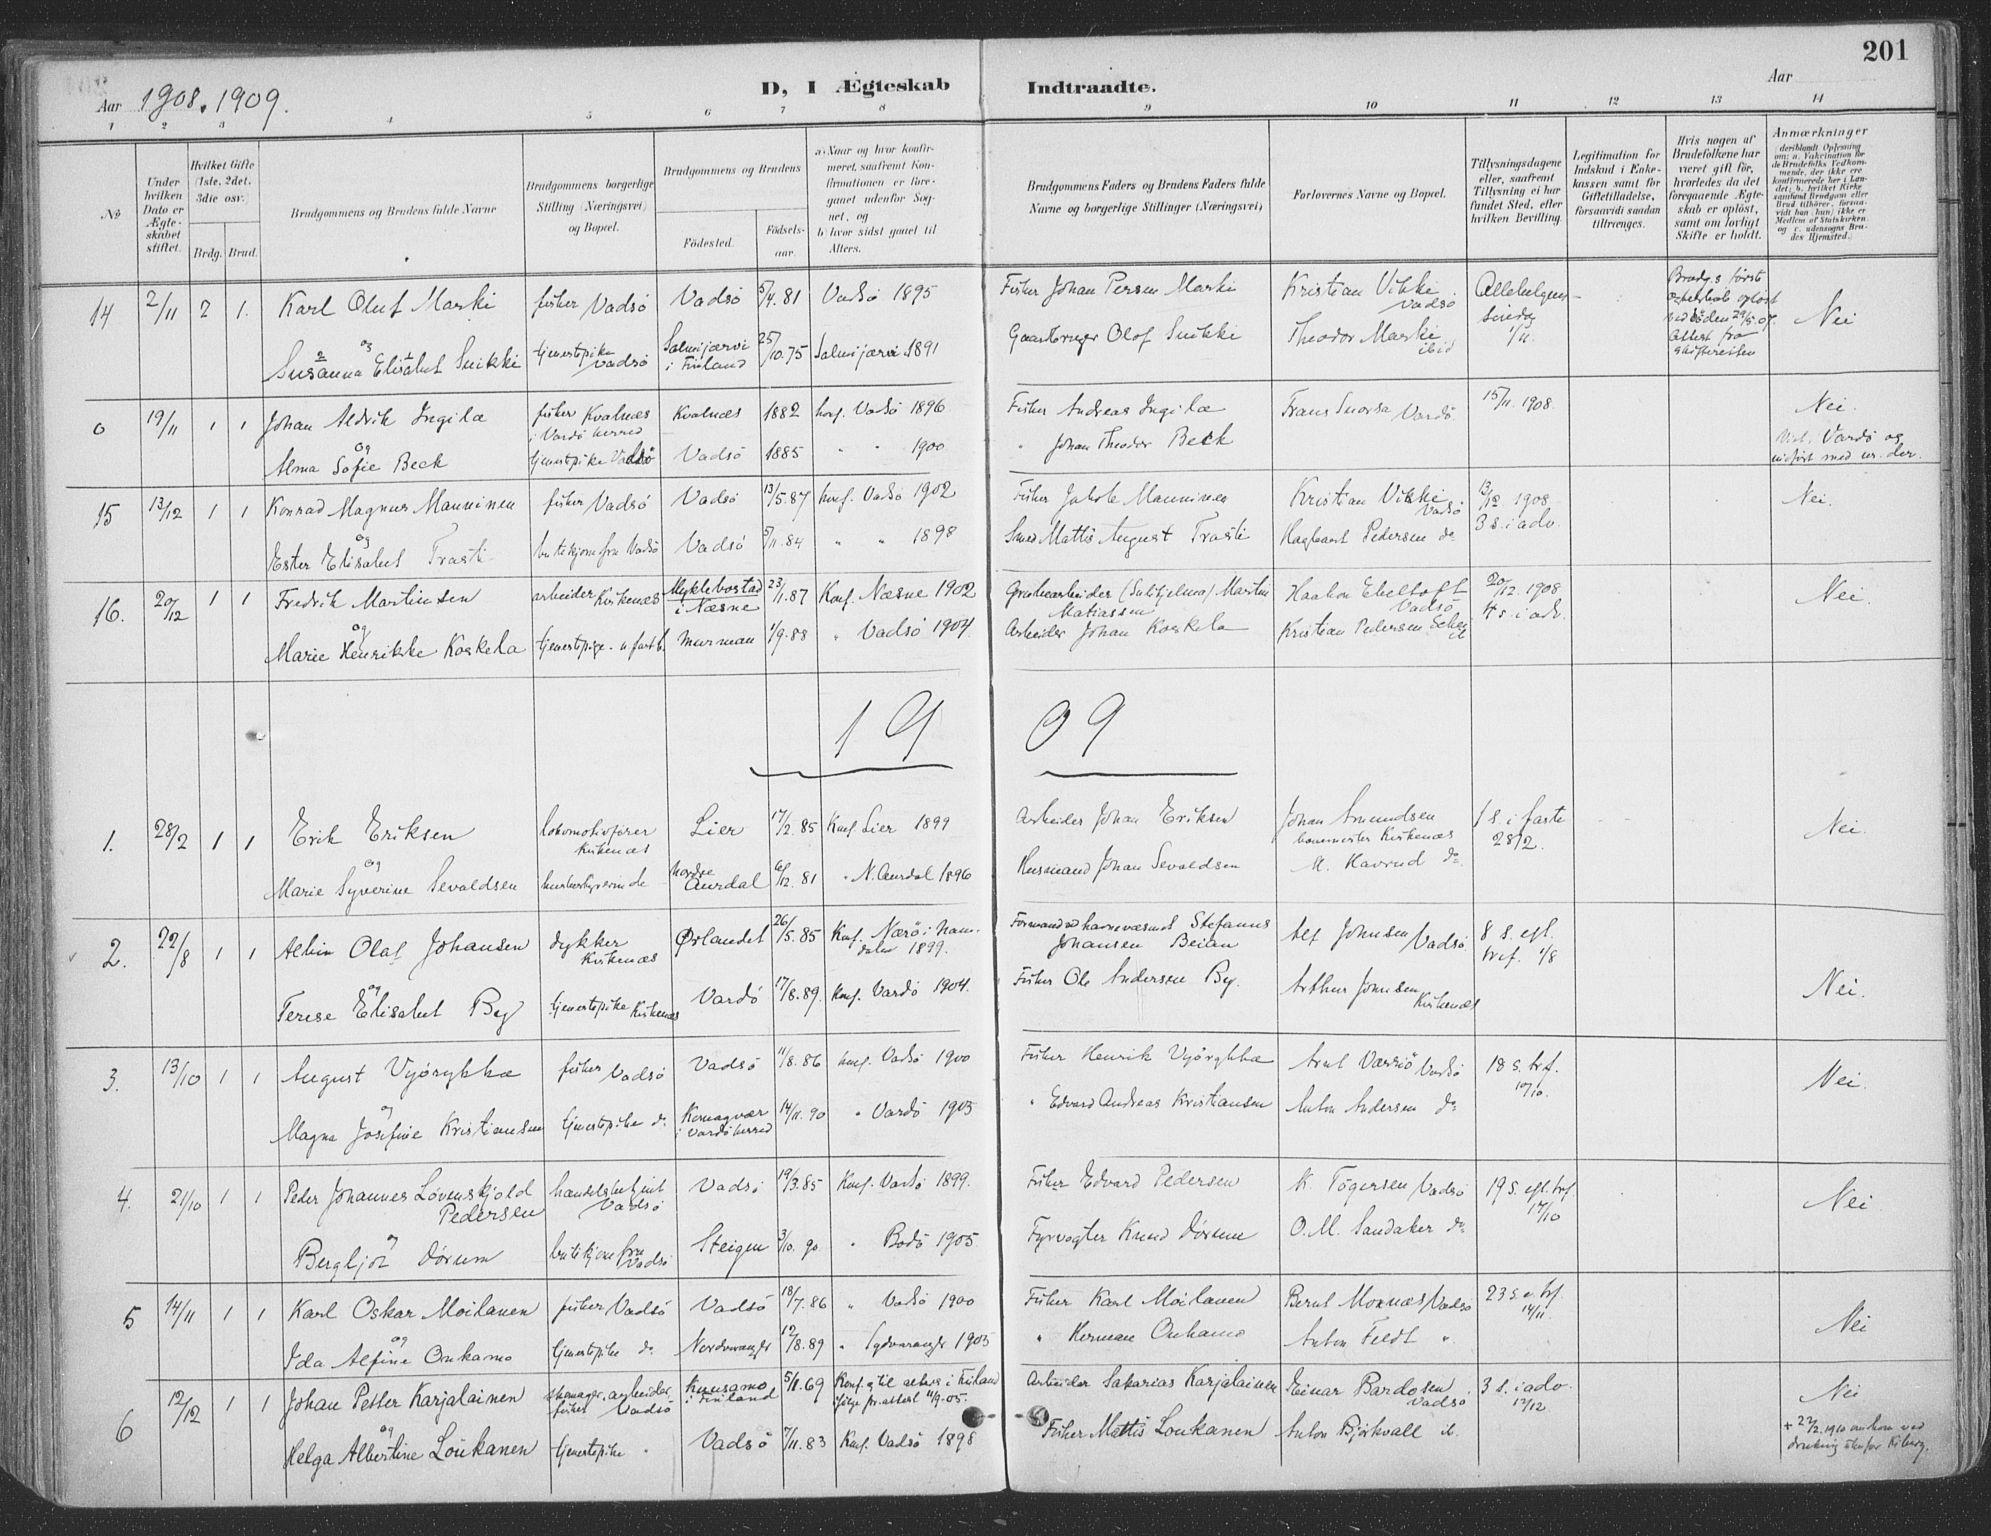 SATØ, Vadsø sokneprestkontor, H/Ha/L0007kirke: Ministerialbok nr. 7, 1896-1916, s. 201